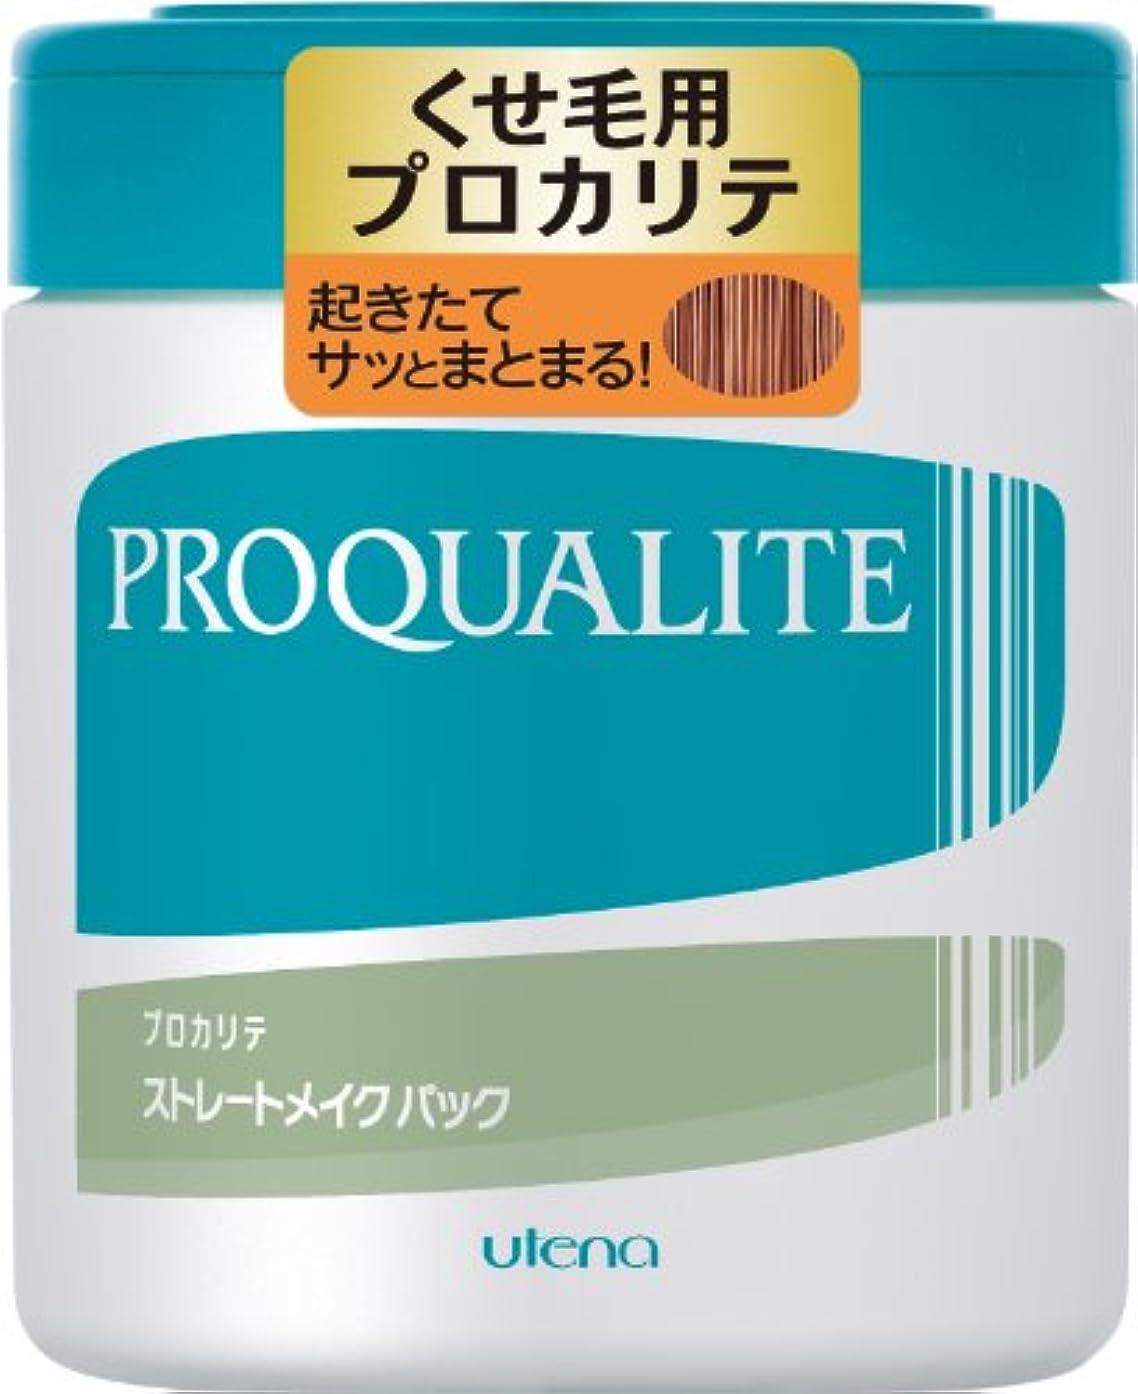 株式会社ケージ反論PROQUALITE(プロカリテ) ストレートメイクパック ラージ